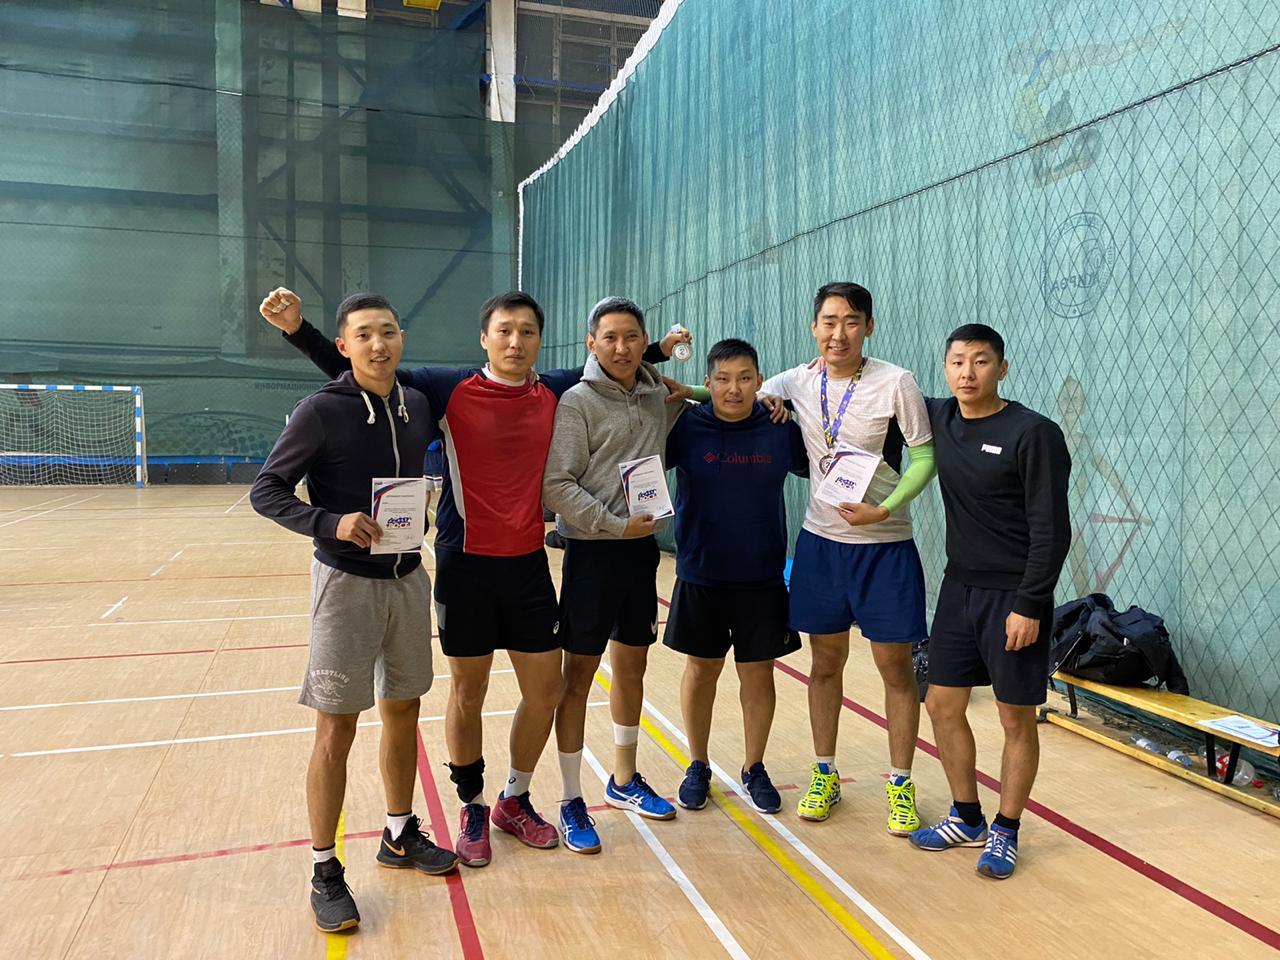 Команда из Забайкалья заняла второе место на турнире по волейболу